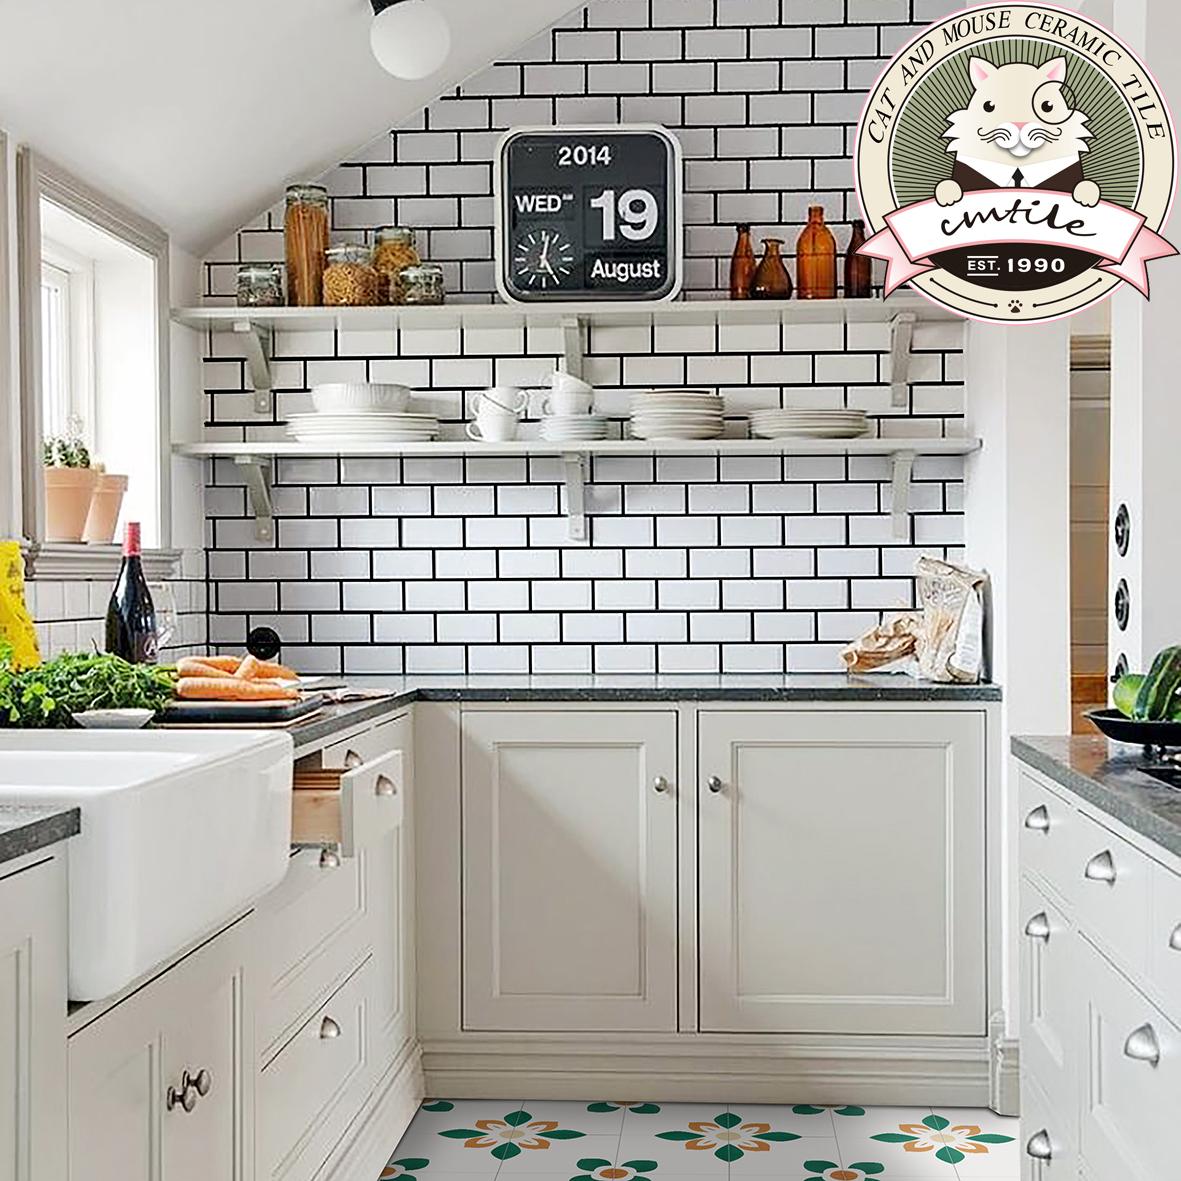 USD 8.54] Nordic white glossy matte glazed interior wall tile bread ...